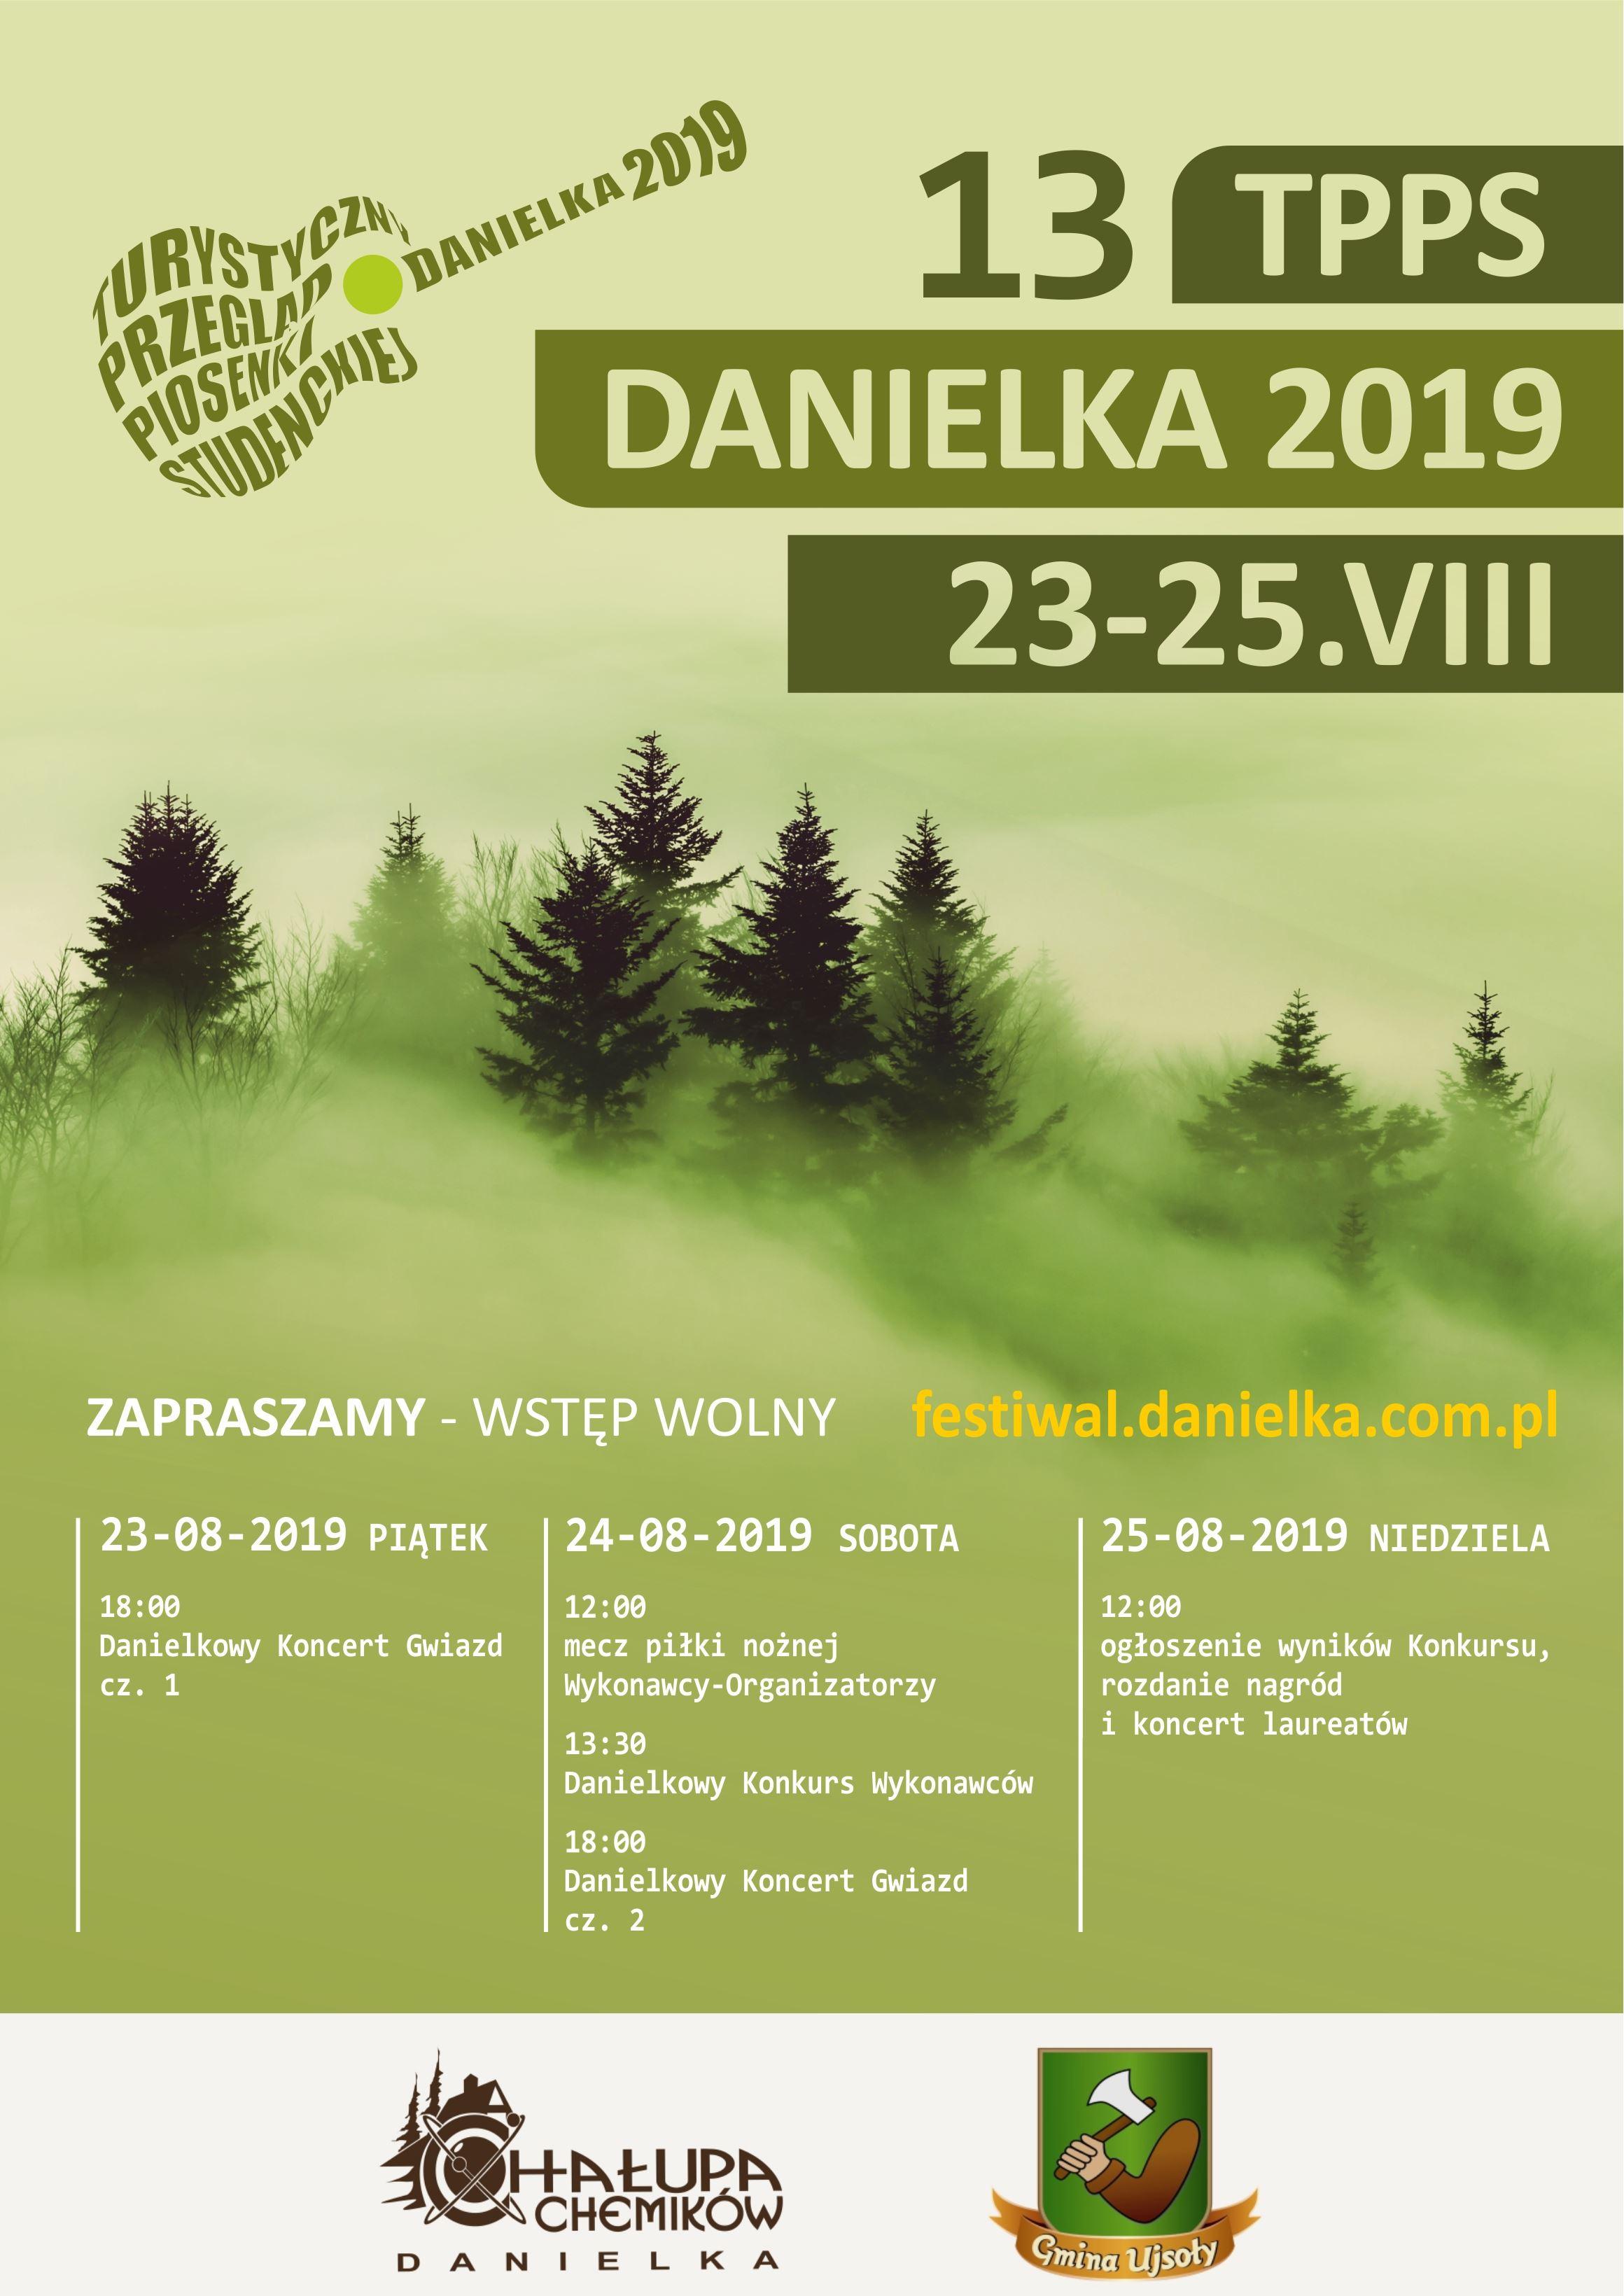 Danielka 2019 – program ramowy